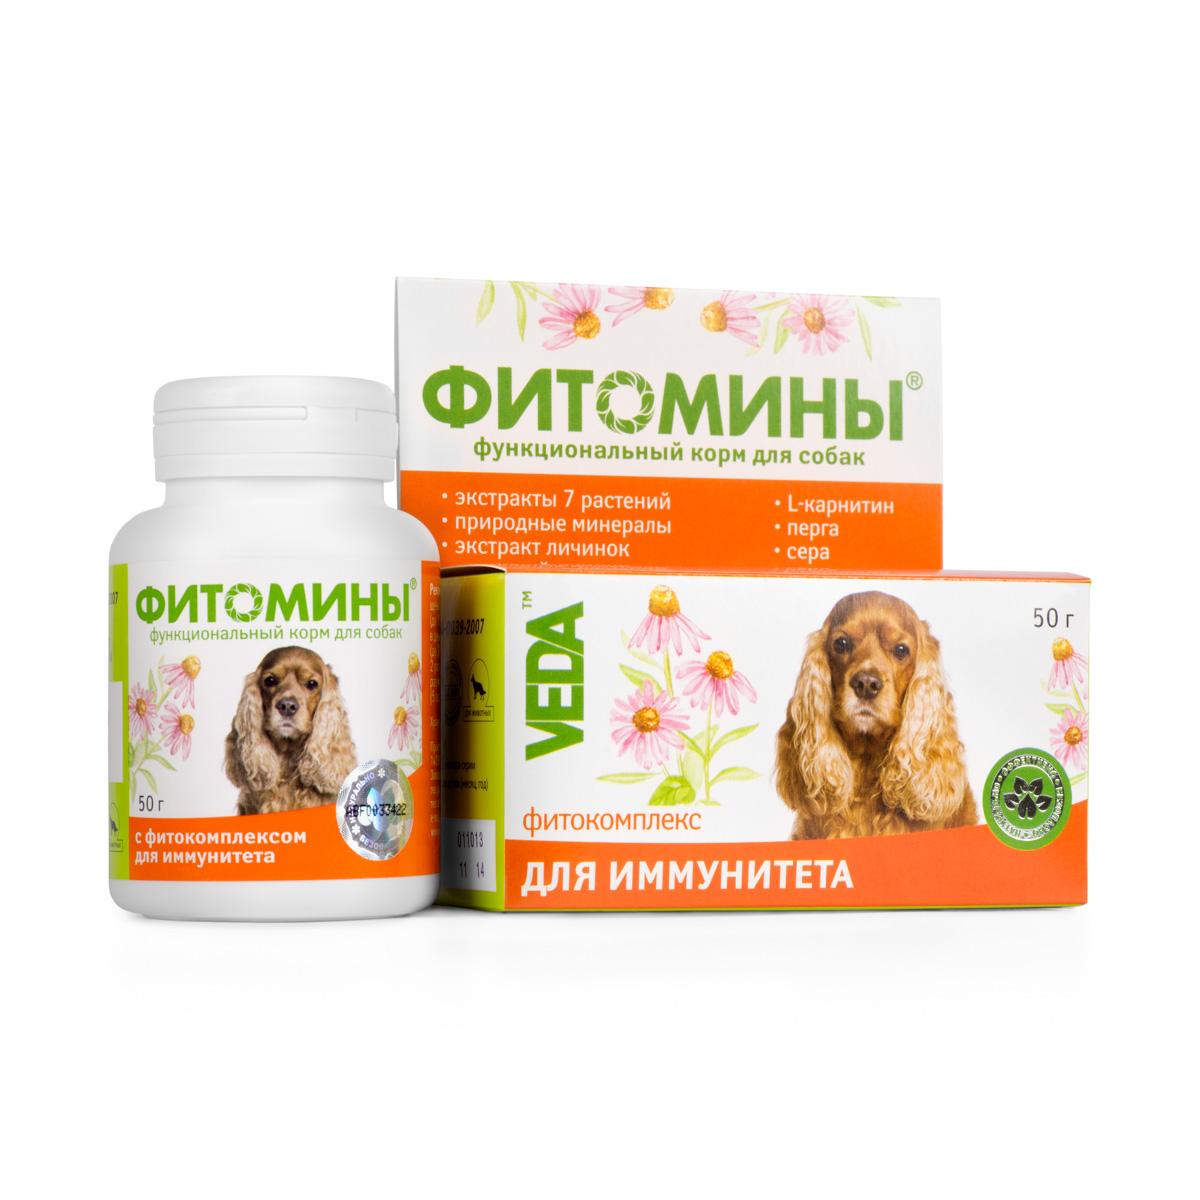 Корм для собак VEDA Фитомины, функциональный, с фитокомплексом, для иммунитета, 50 г5775Функциональный корм для собак VEDA Фитомины с фитокомплексом повышает сопротивляемость организма, мобилизуя иммунную систему, ускоряет восстановительные процессы.Рекомендуется включать в рацион при некорректной работе иммунитета:- ослабленным и истощенным животным,- для адаптации к стрессовым ситуациям,- при неблагоприятном воздействии окружающей среды.Состав: лактоза; крахмал; дрожжи пивные; фитокомплекс: корней и корневищ солодки, травы эхинацеи пурпурной, плодов шиповника, корней и корневищ девясила, травы череды, листьев крапивы двудомной, листьев подорожника большого; природный минеральный комплекс; паровая мясная мука; экстракт личинок восковой моли, перги; стеарат кальция; L-карнитин; сера.В 100 г продукта содержится (не менее): углеводы - 92 г; жиры - 0,1 г; белки – 2,0 г; кальций - 600 мг; фосфор - 360 мг; железо - 15,0 мг; цинк - 4 мг; марганец - 0,1 мг; медь - 0,3 мг; L-карнитин - 0,5 г; сера - 0,1 г.Энергетическая ценность в 100 г: 380 ккал.Товар сертифицирован.